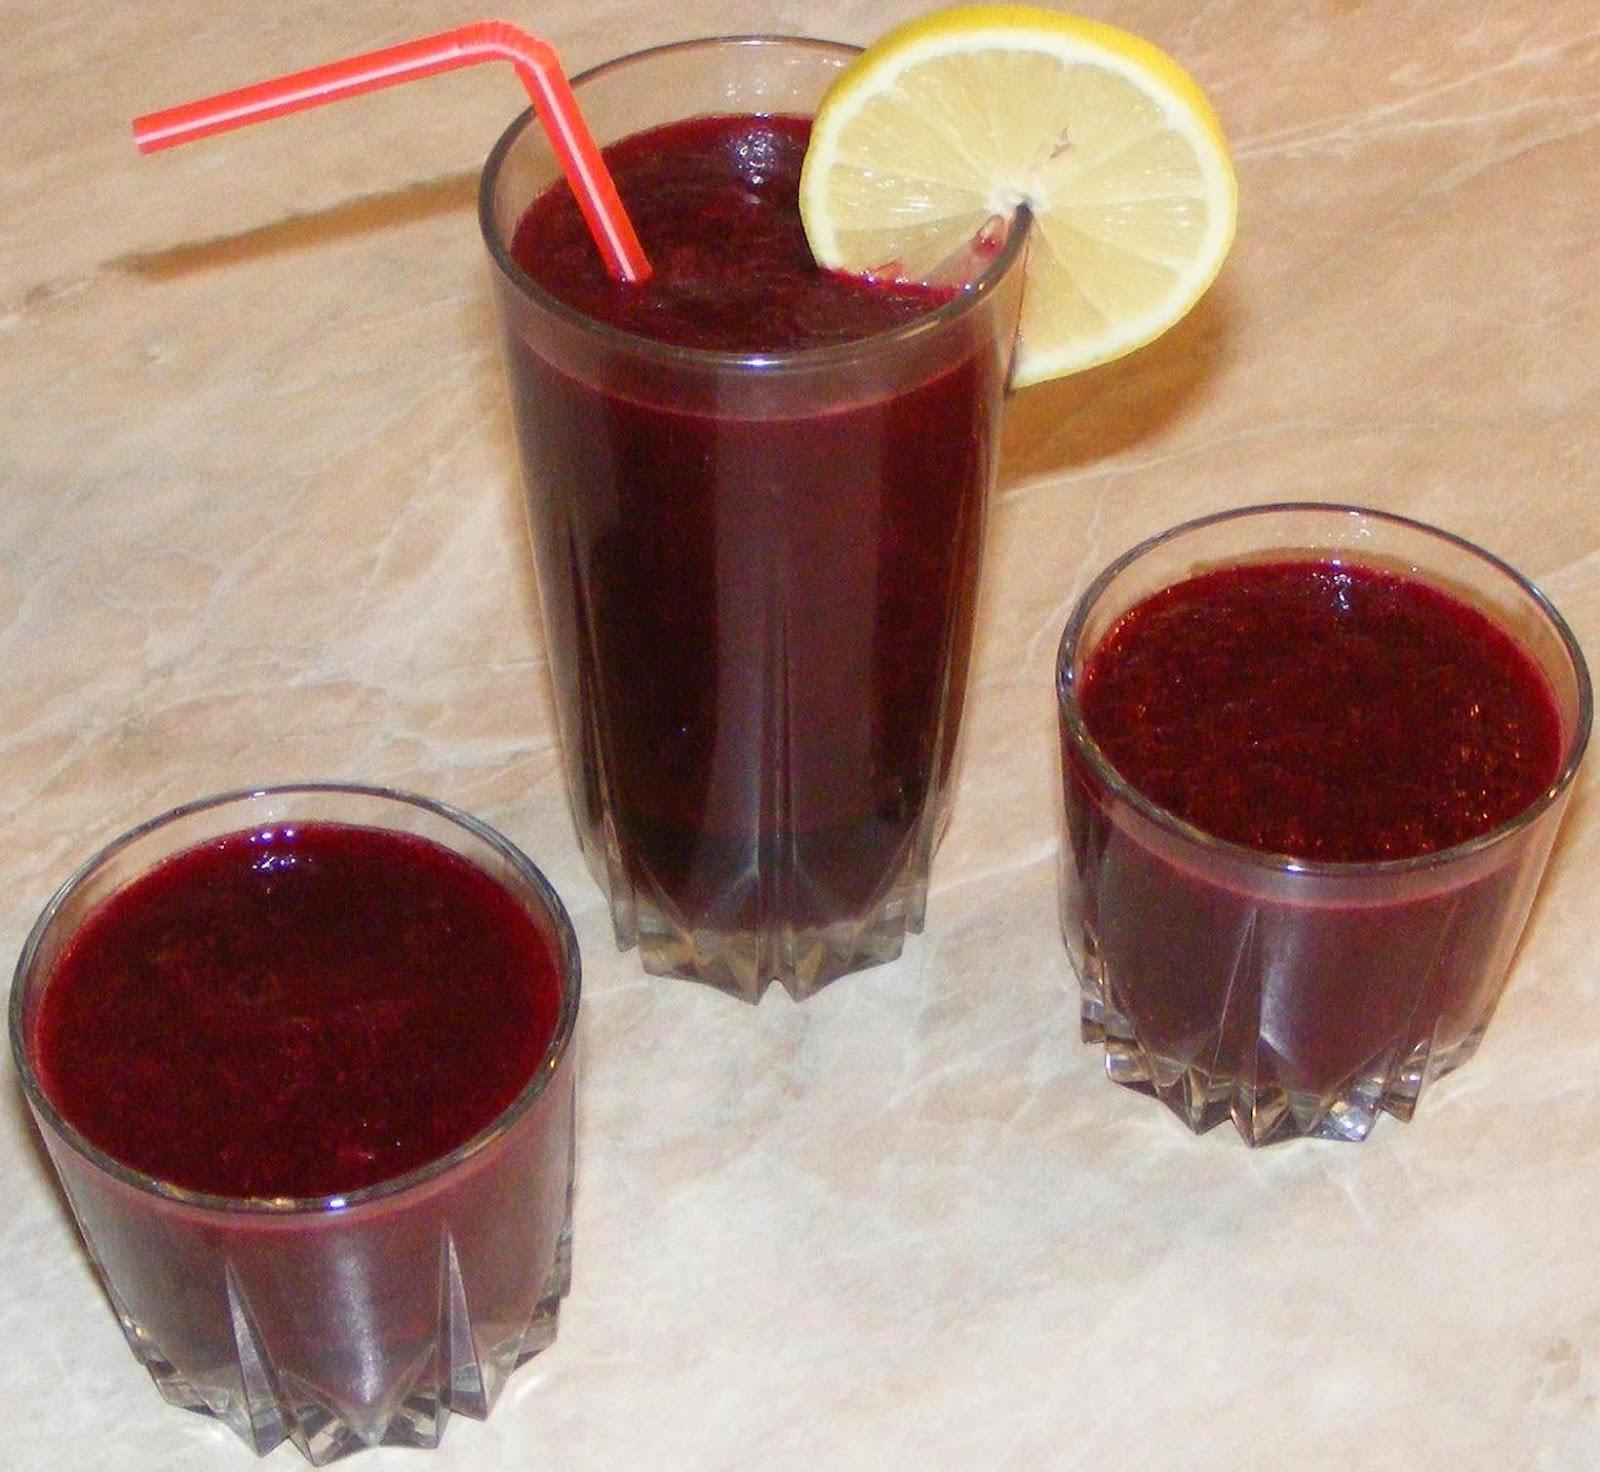 reteta detoxifiere cu sfecla rosie toxine botulique 12